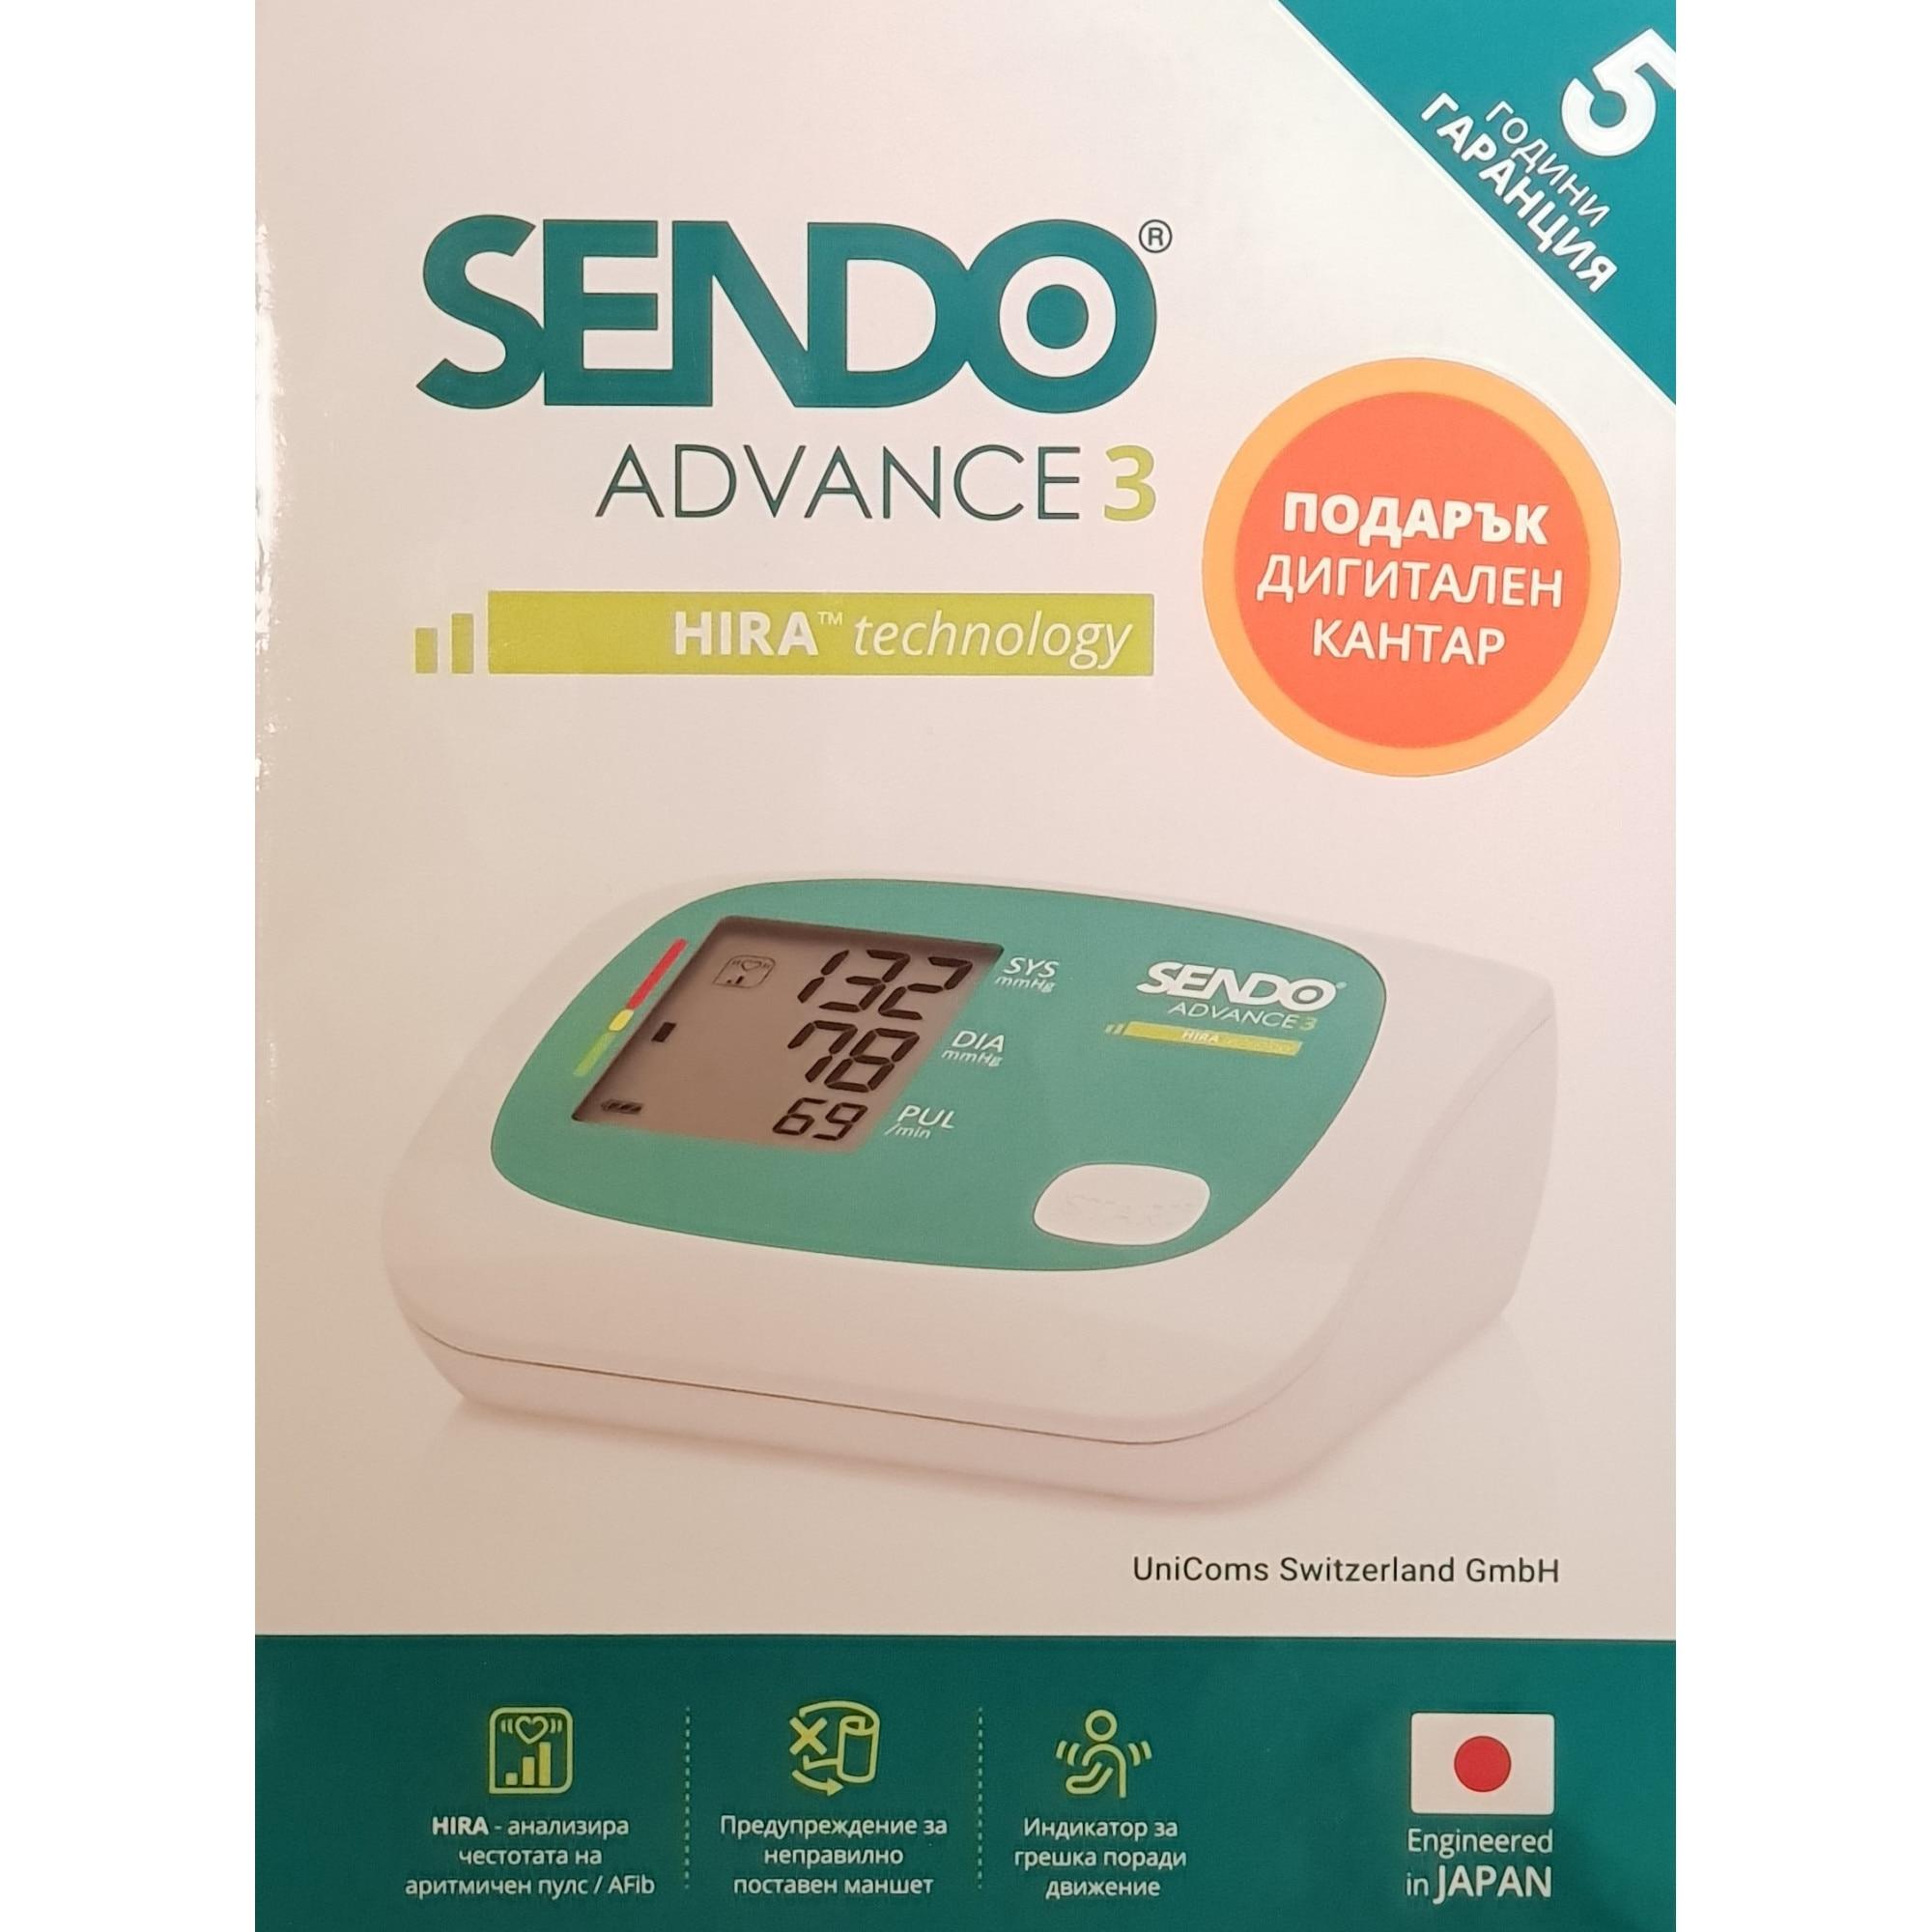 Комплект: Апарат за кръвно налягане SENDO ADVANCE 3 HIRA..